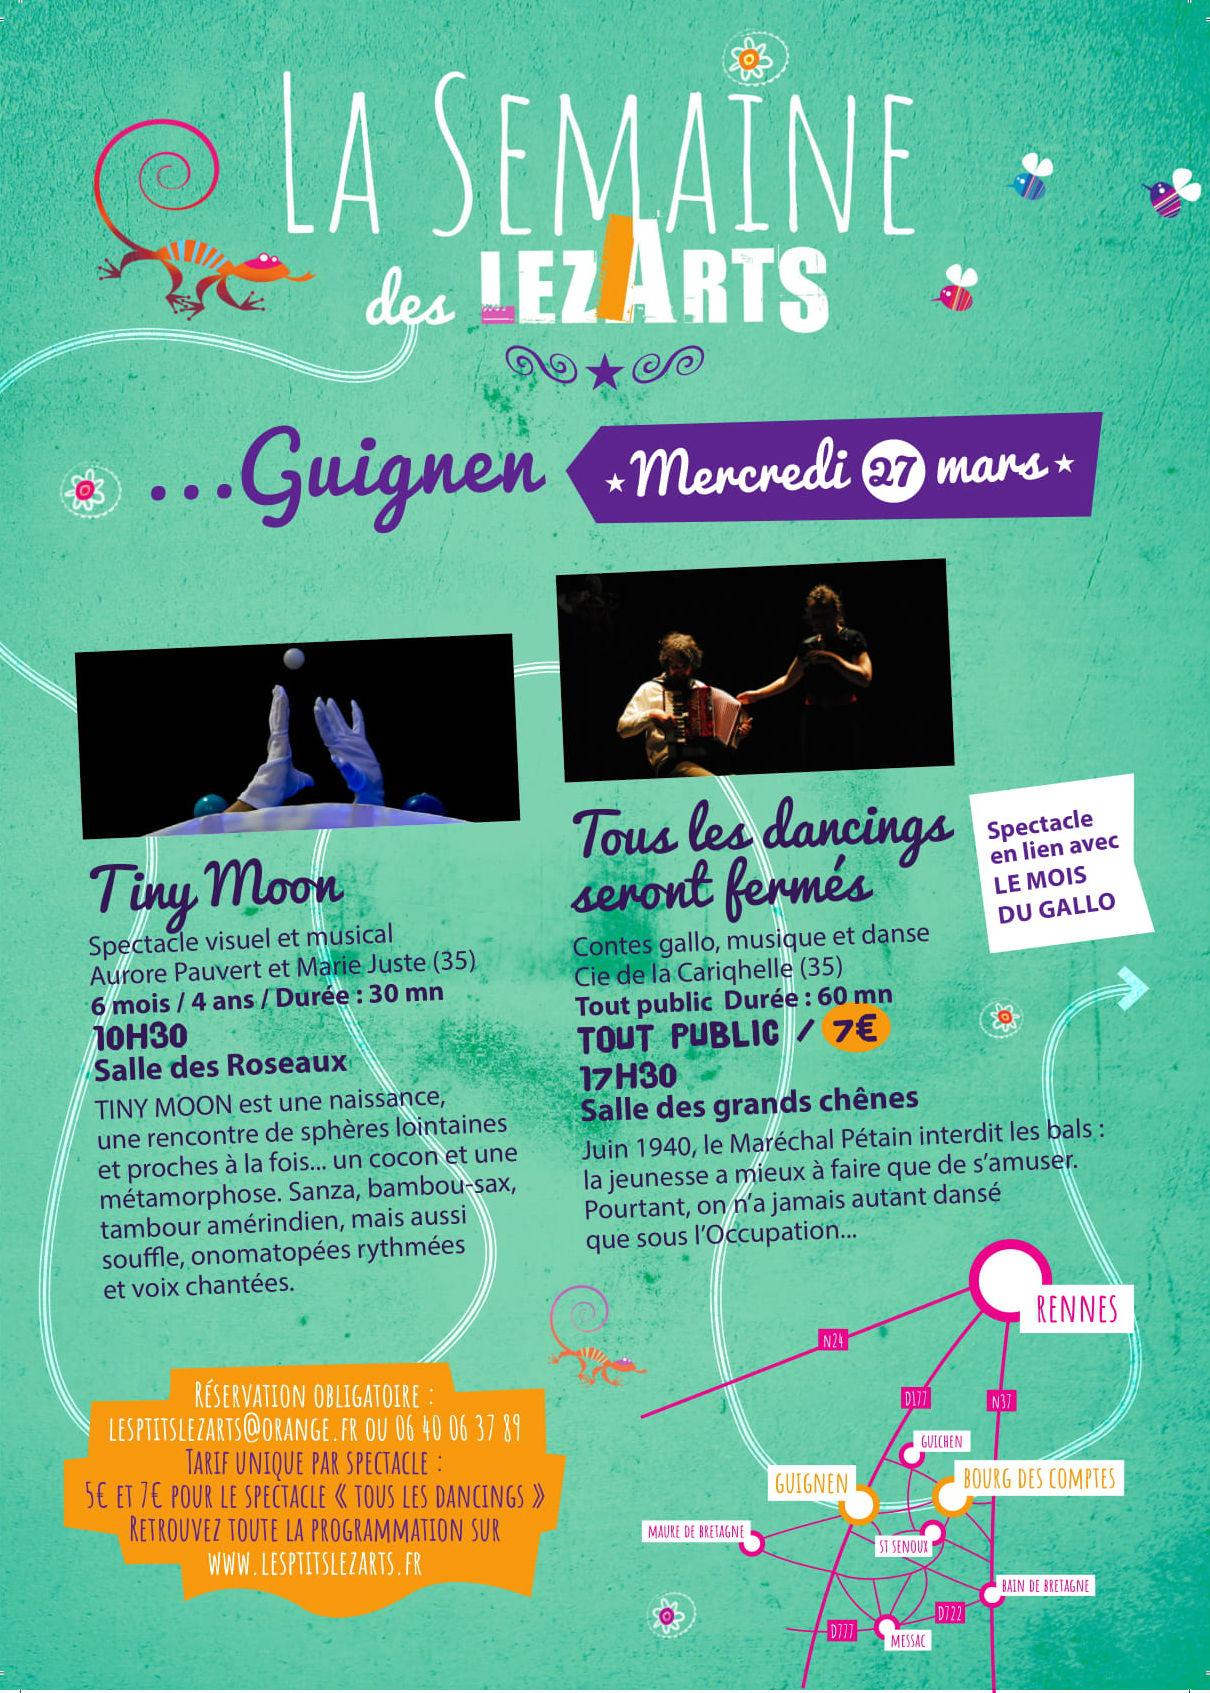 semaine-des-lezarts-2019-flyer-programme-guignen